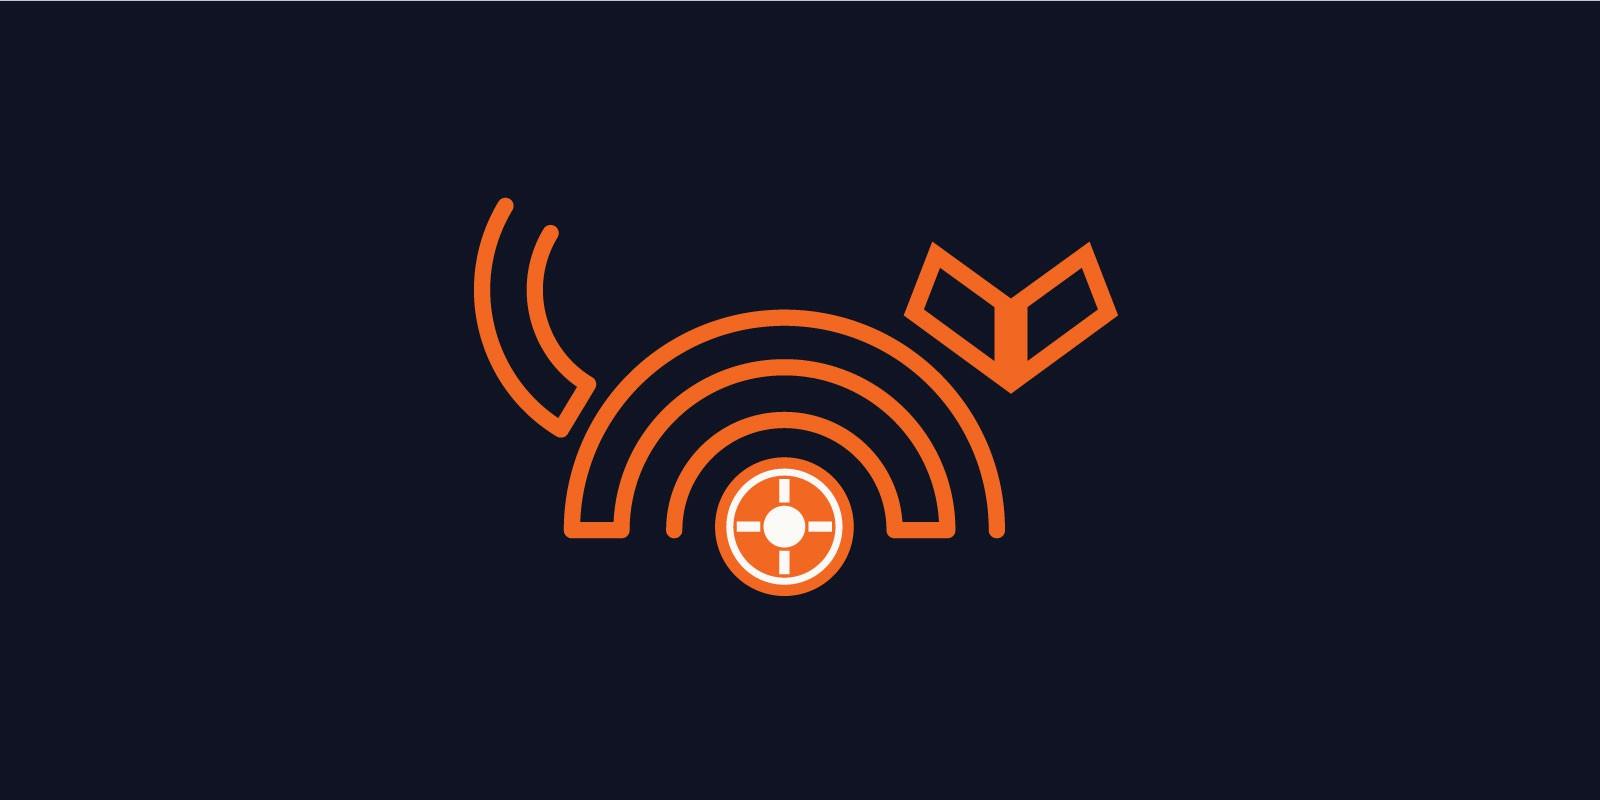 Fox target logo